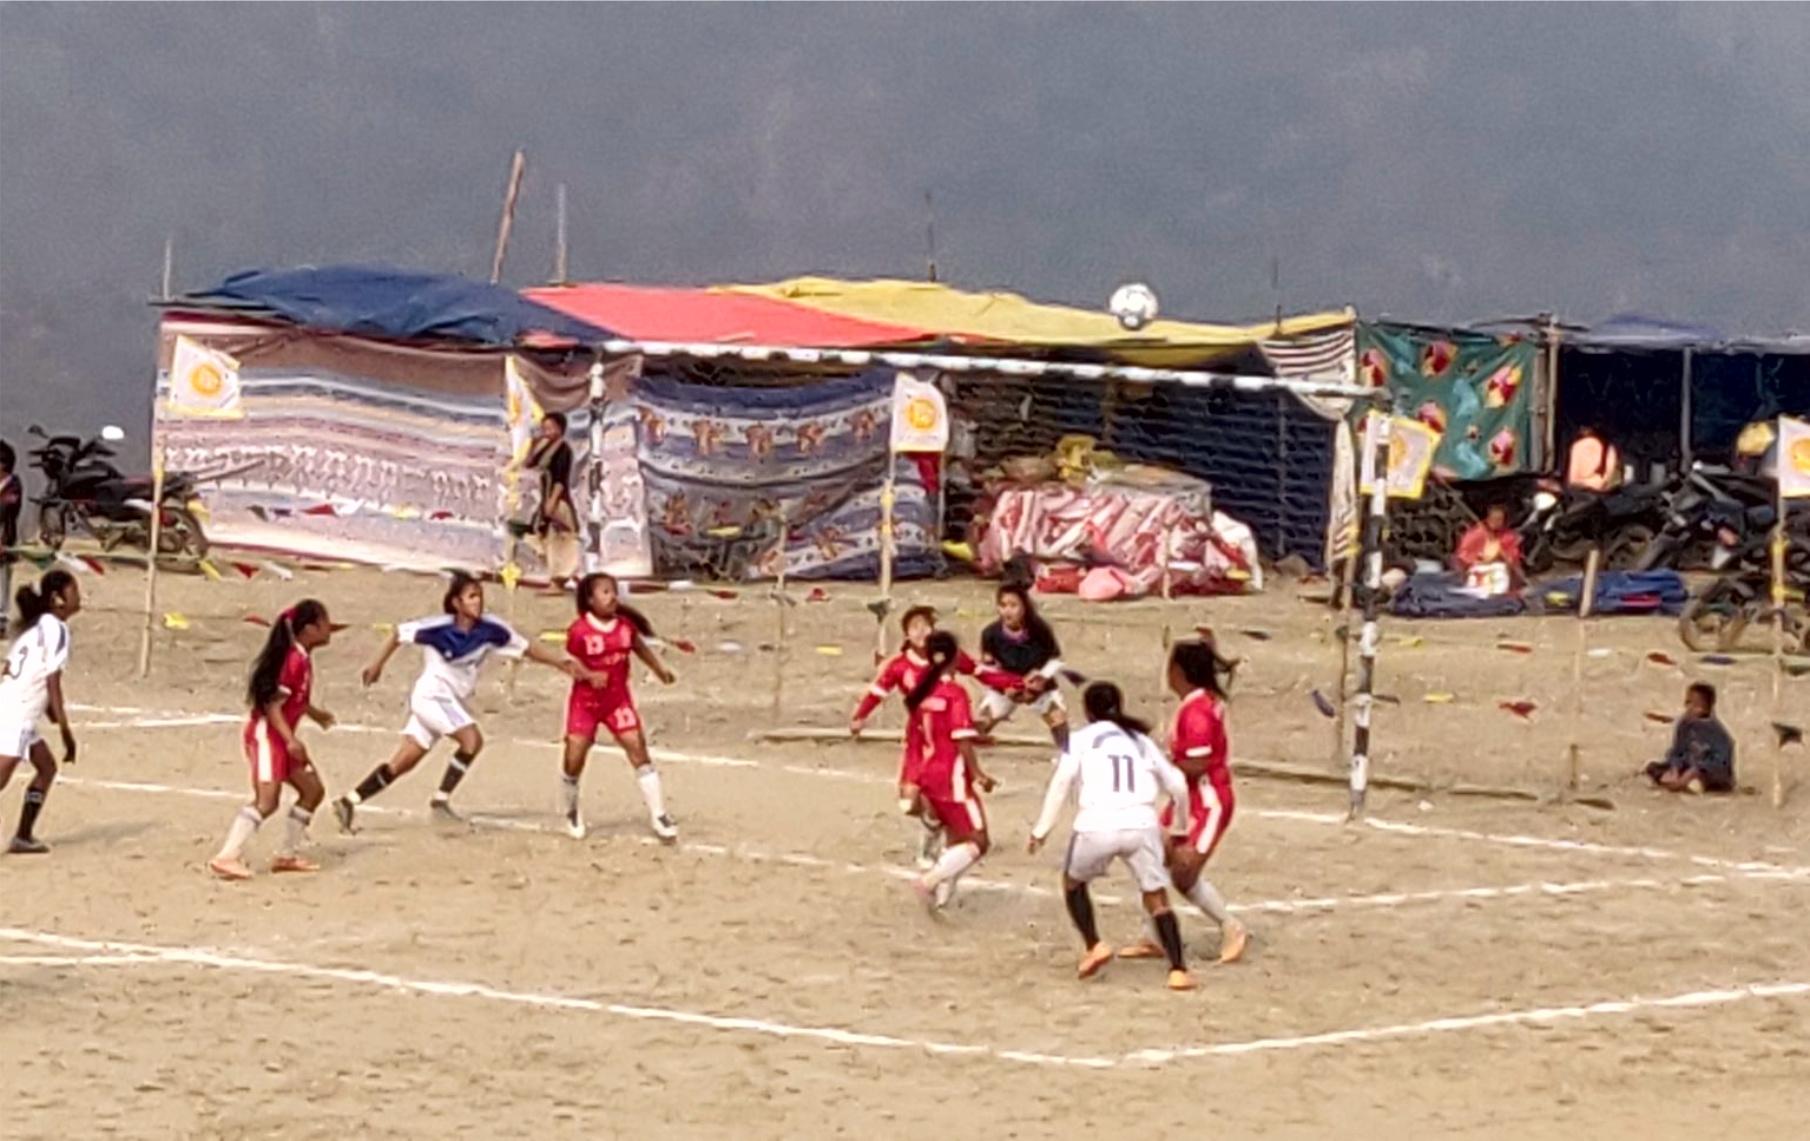 पवित्रहाङमा कप : माङसेबुङ र दमक उपाधी नजिक